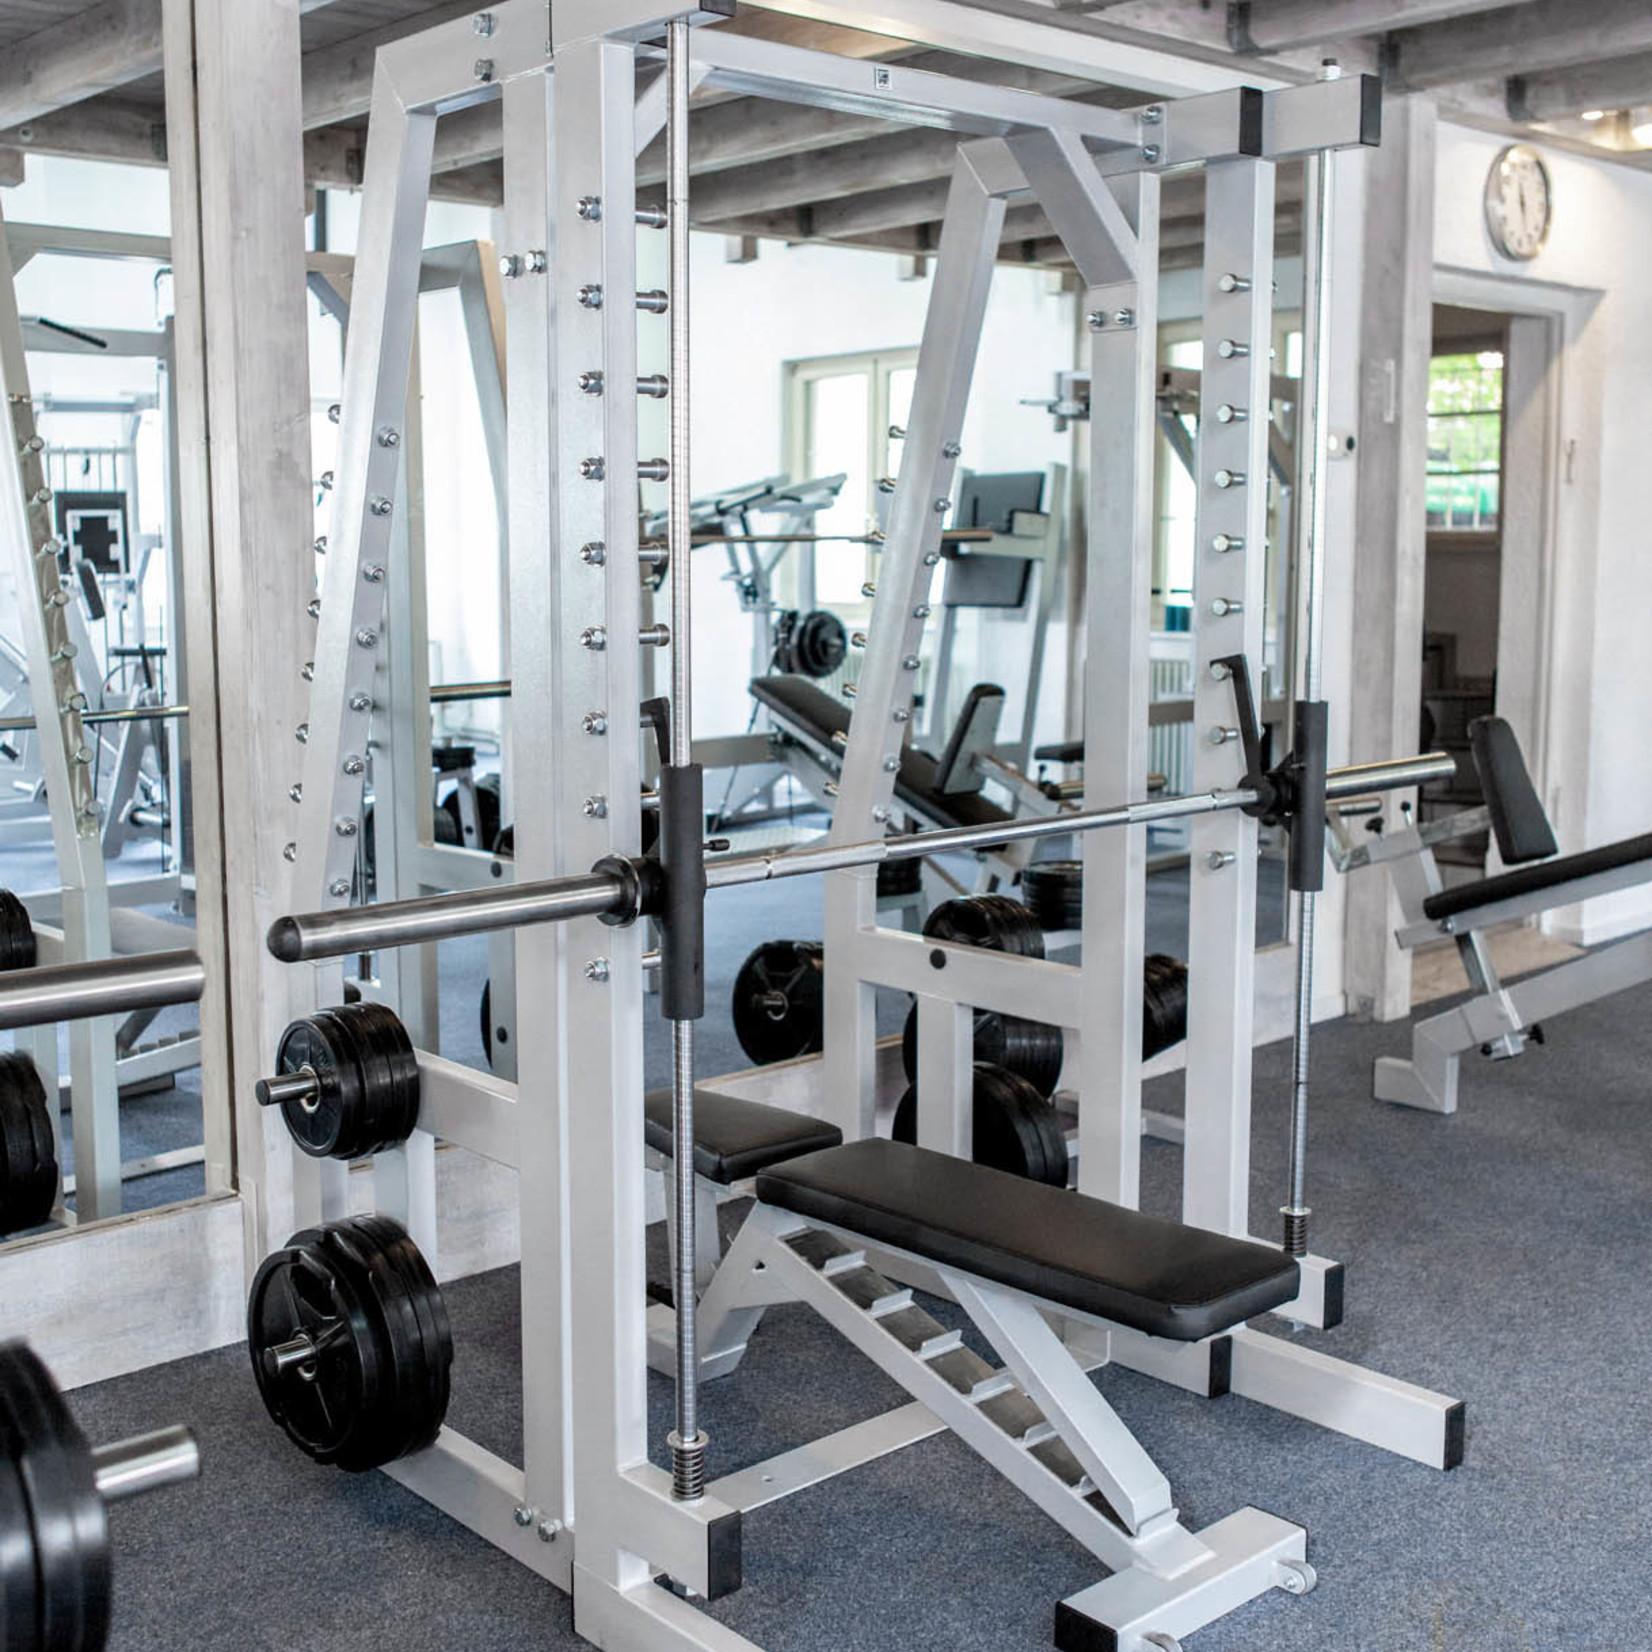 Smith Machine en Squat Rack /Multi Press 5B